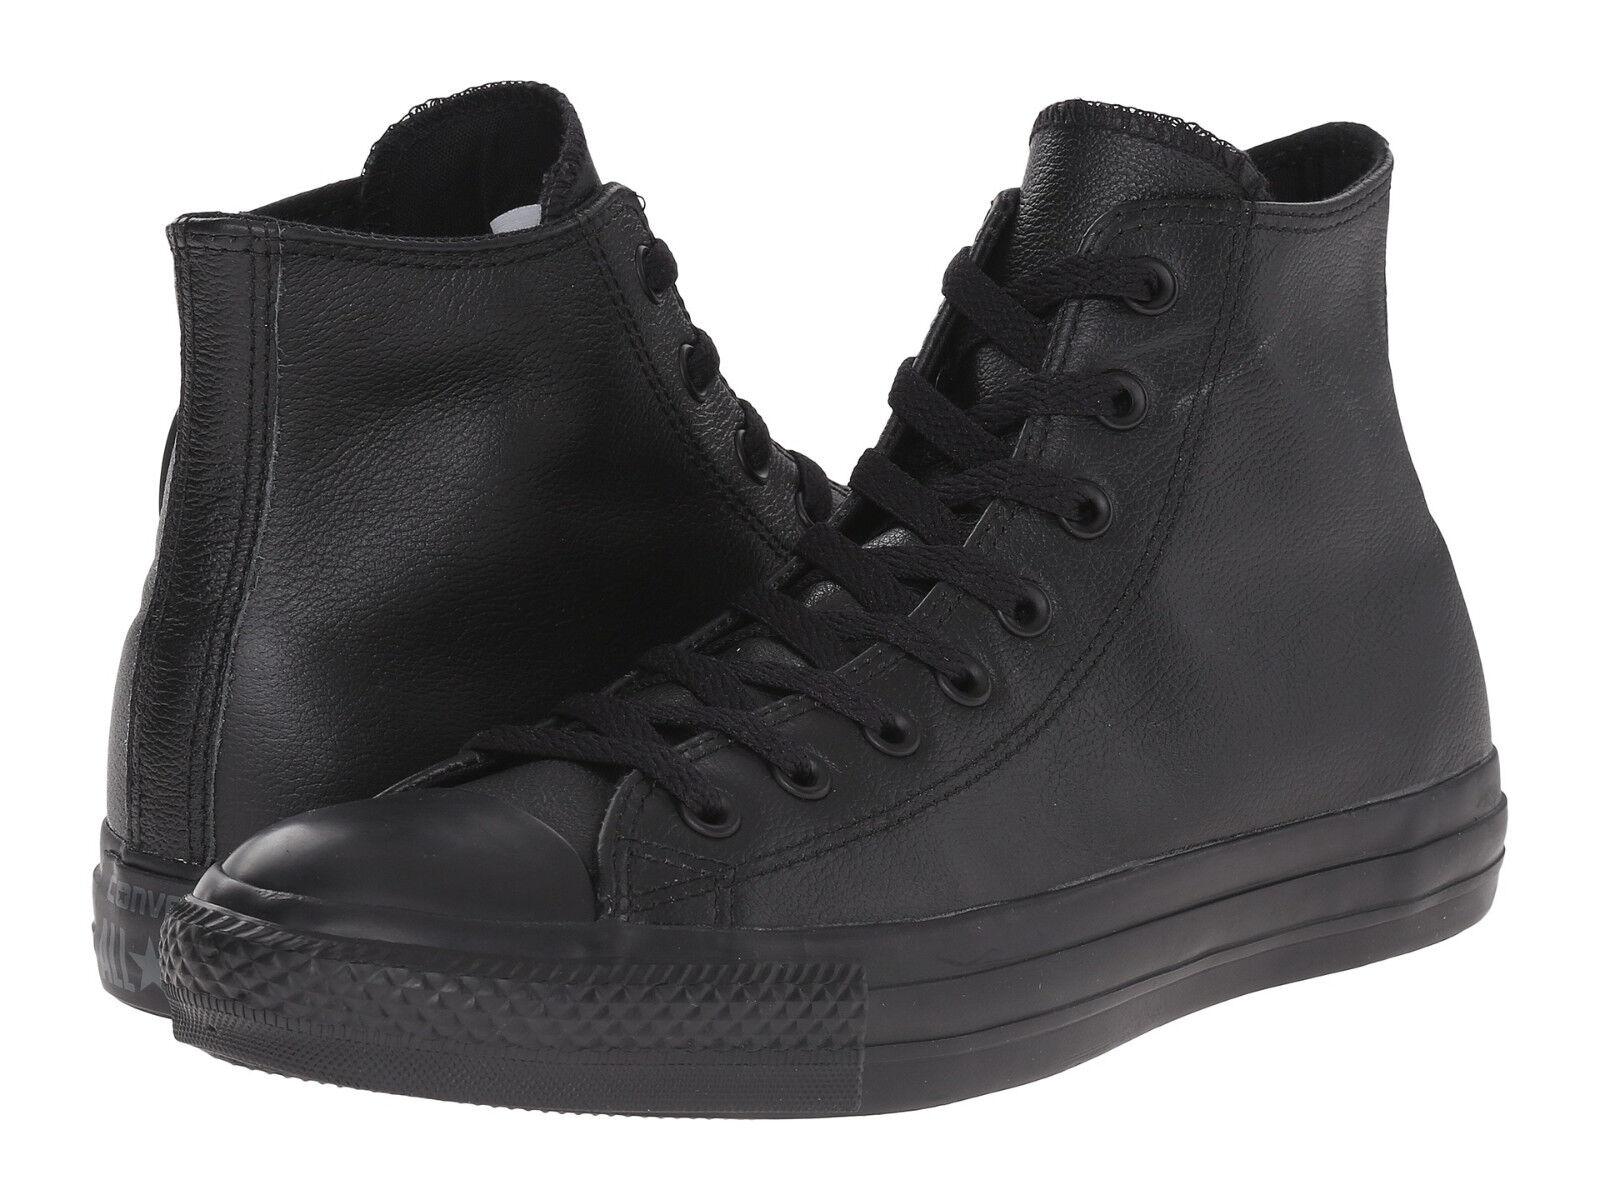 Hombres Converse Ct Zapatos-Nuevas como High Street Delfín/Thunder/Rojo Zapatos-Nuevas Ct Con Caja 534f53